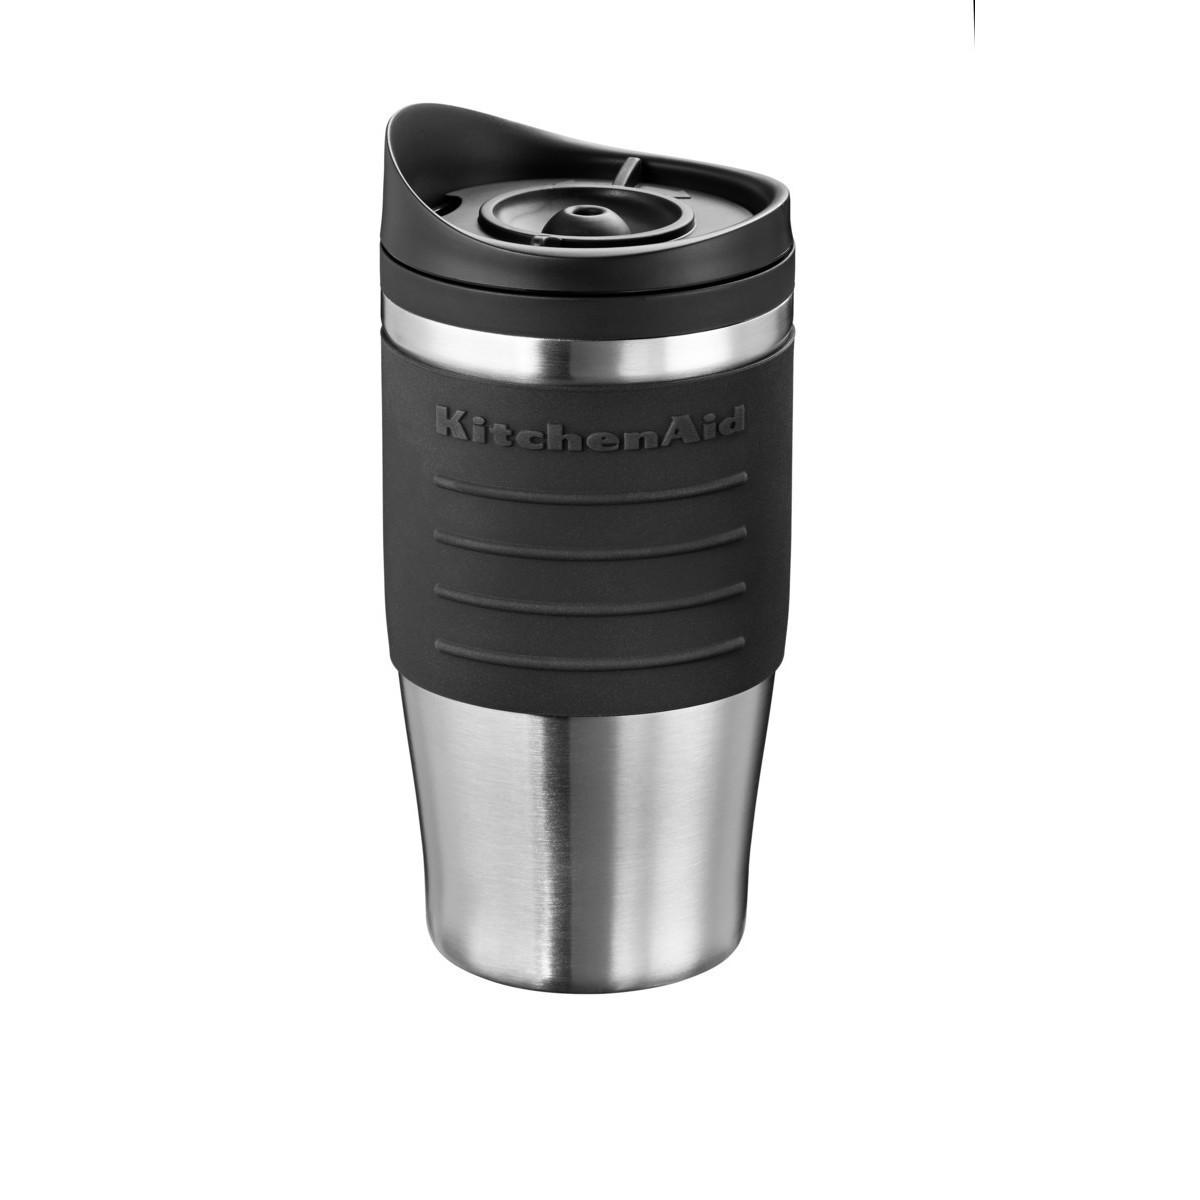 Термокружка KitchenAid 5KCM0402TMOB, кружка-термос для кофеварки 5KCM0402, объём 0.54л, черная